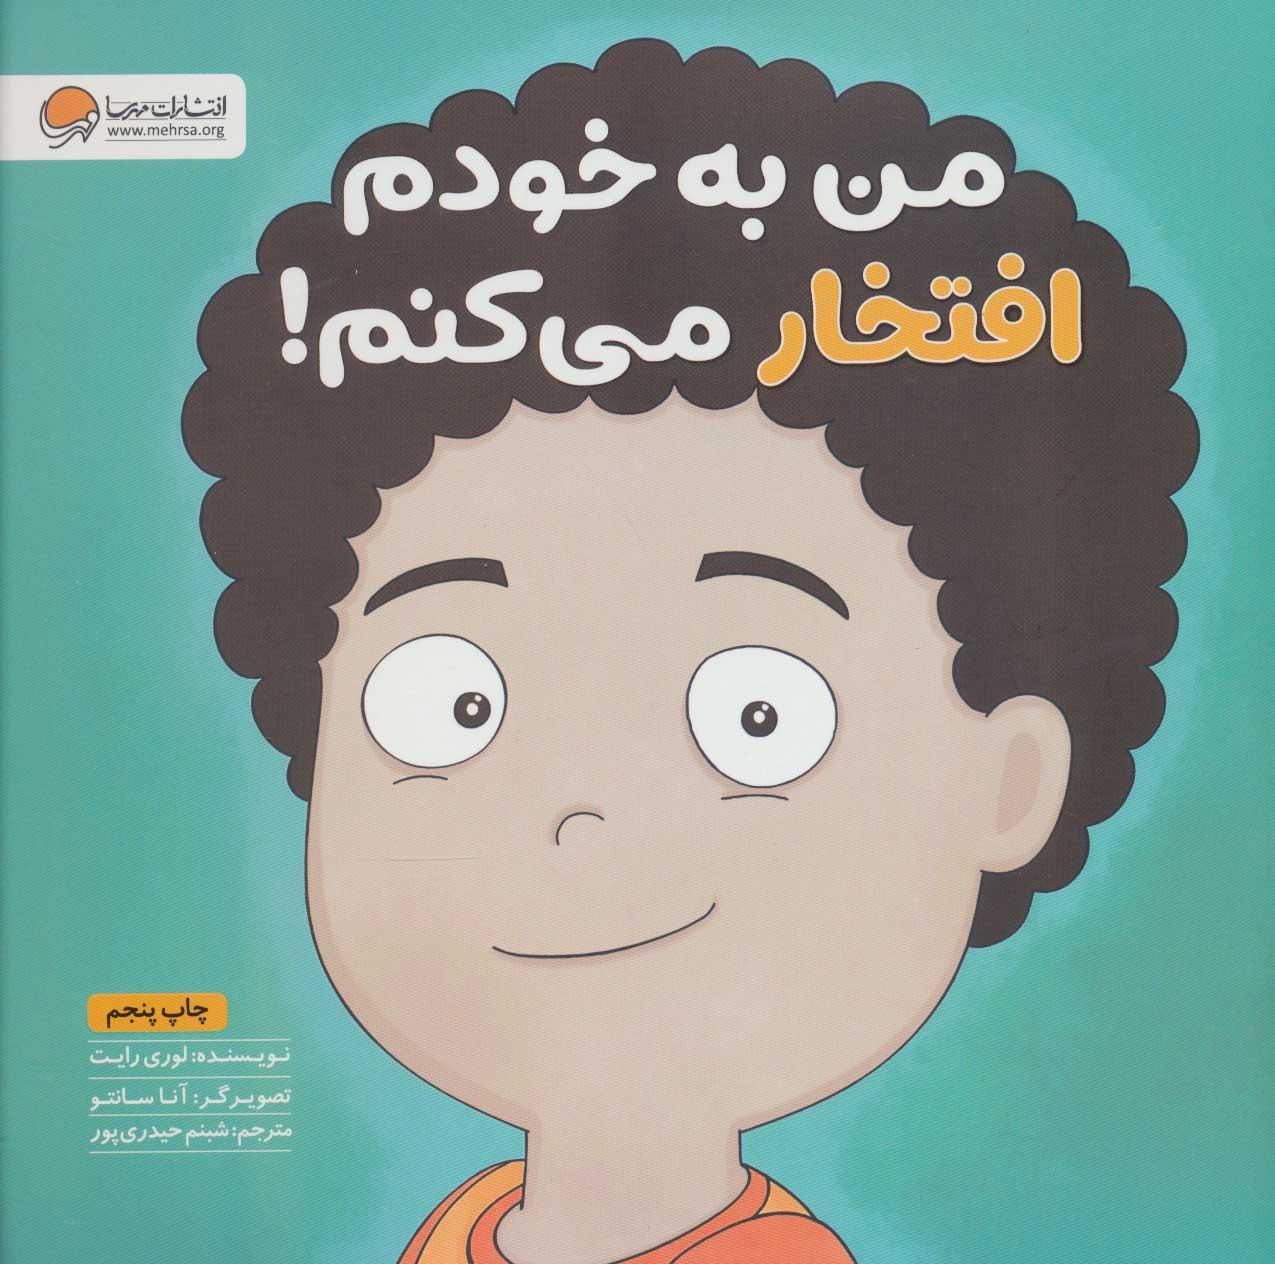 کتاب من به خودم افتخار می کنم!